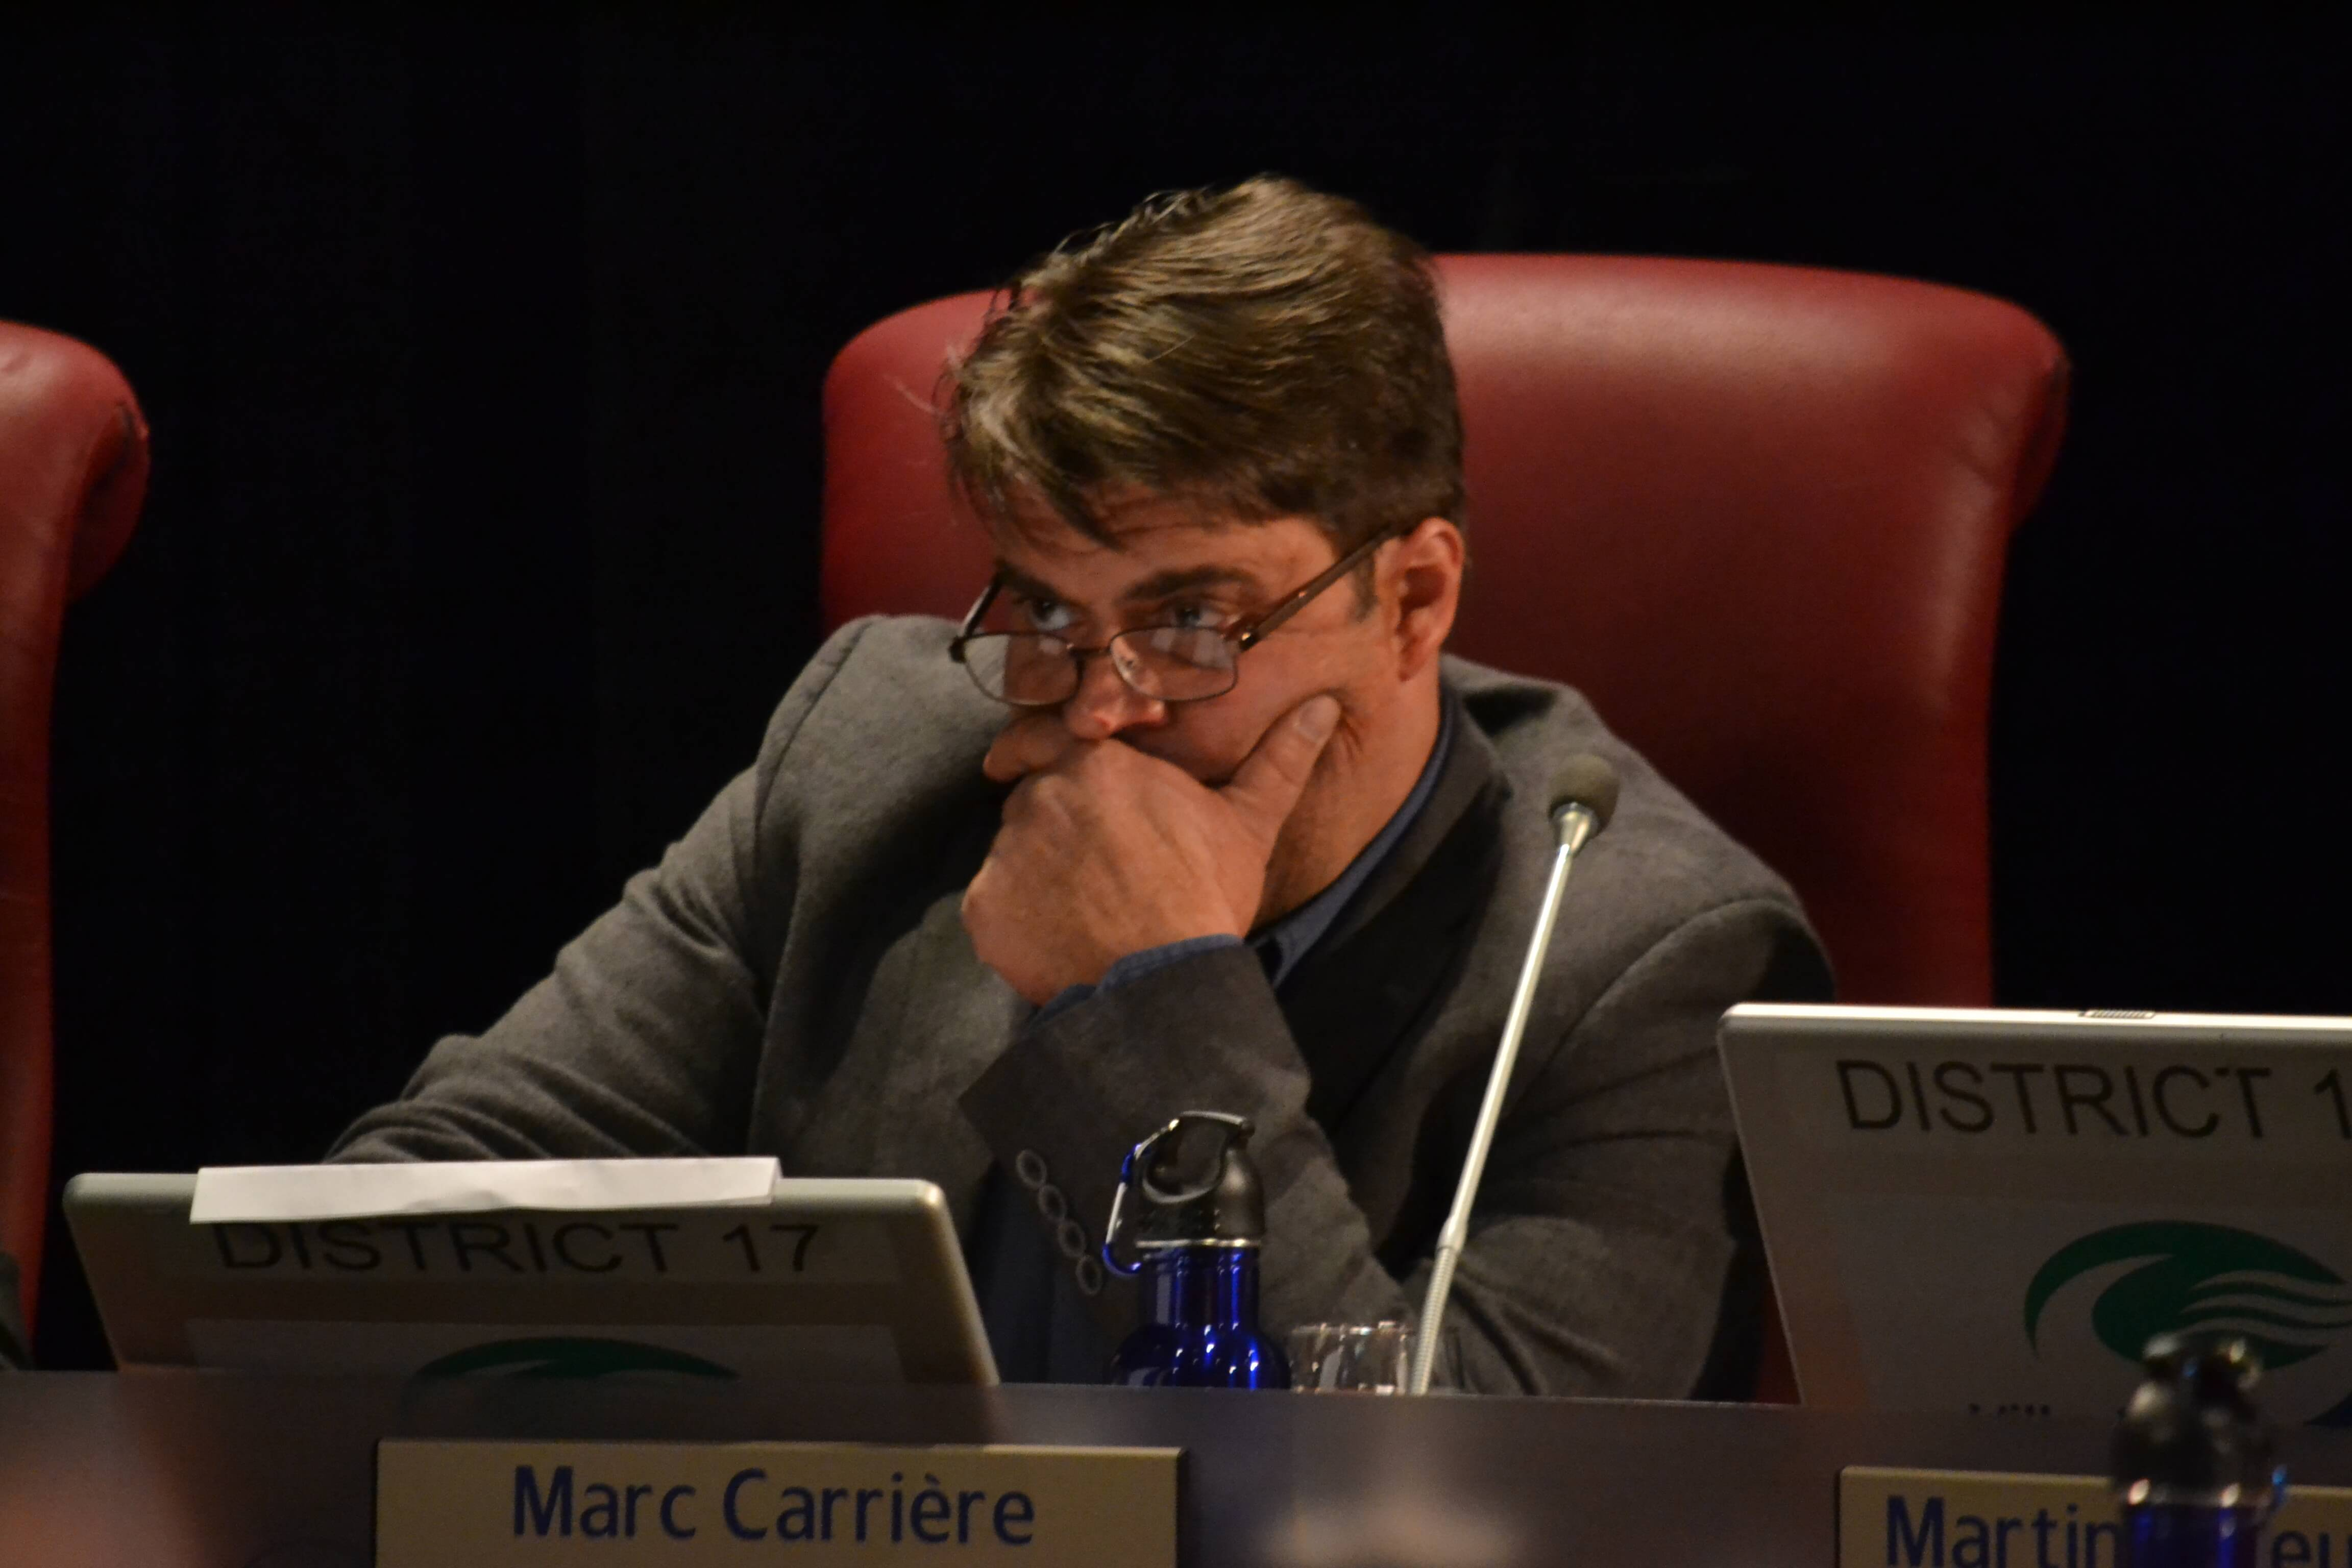 Marc Carrière